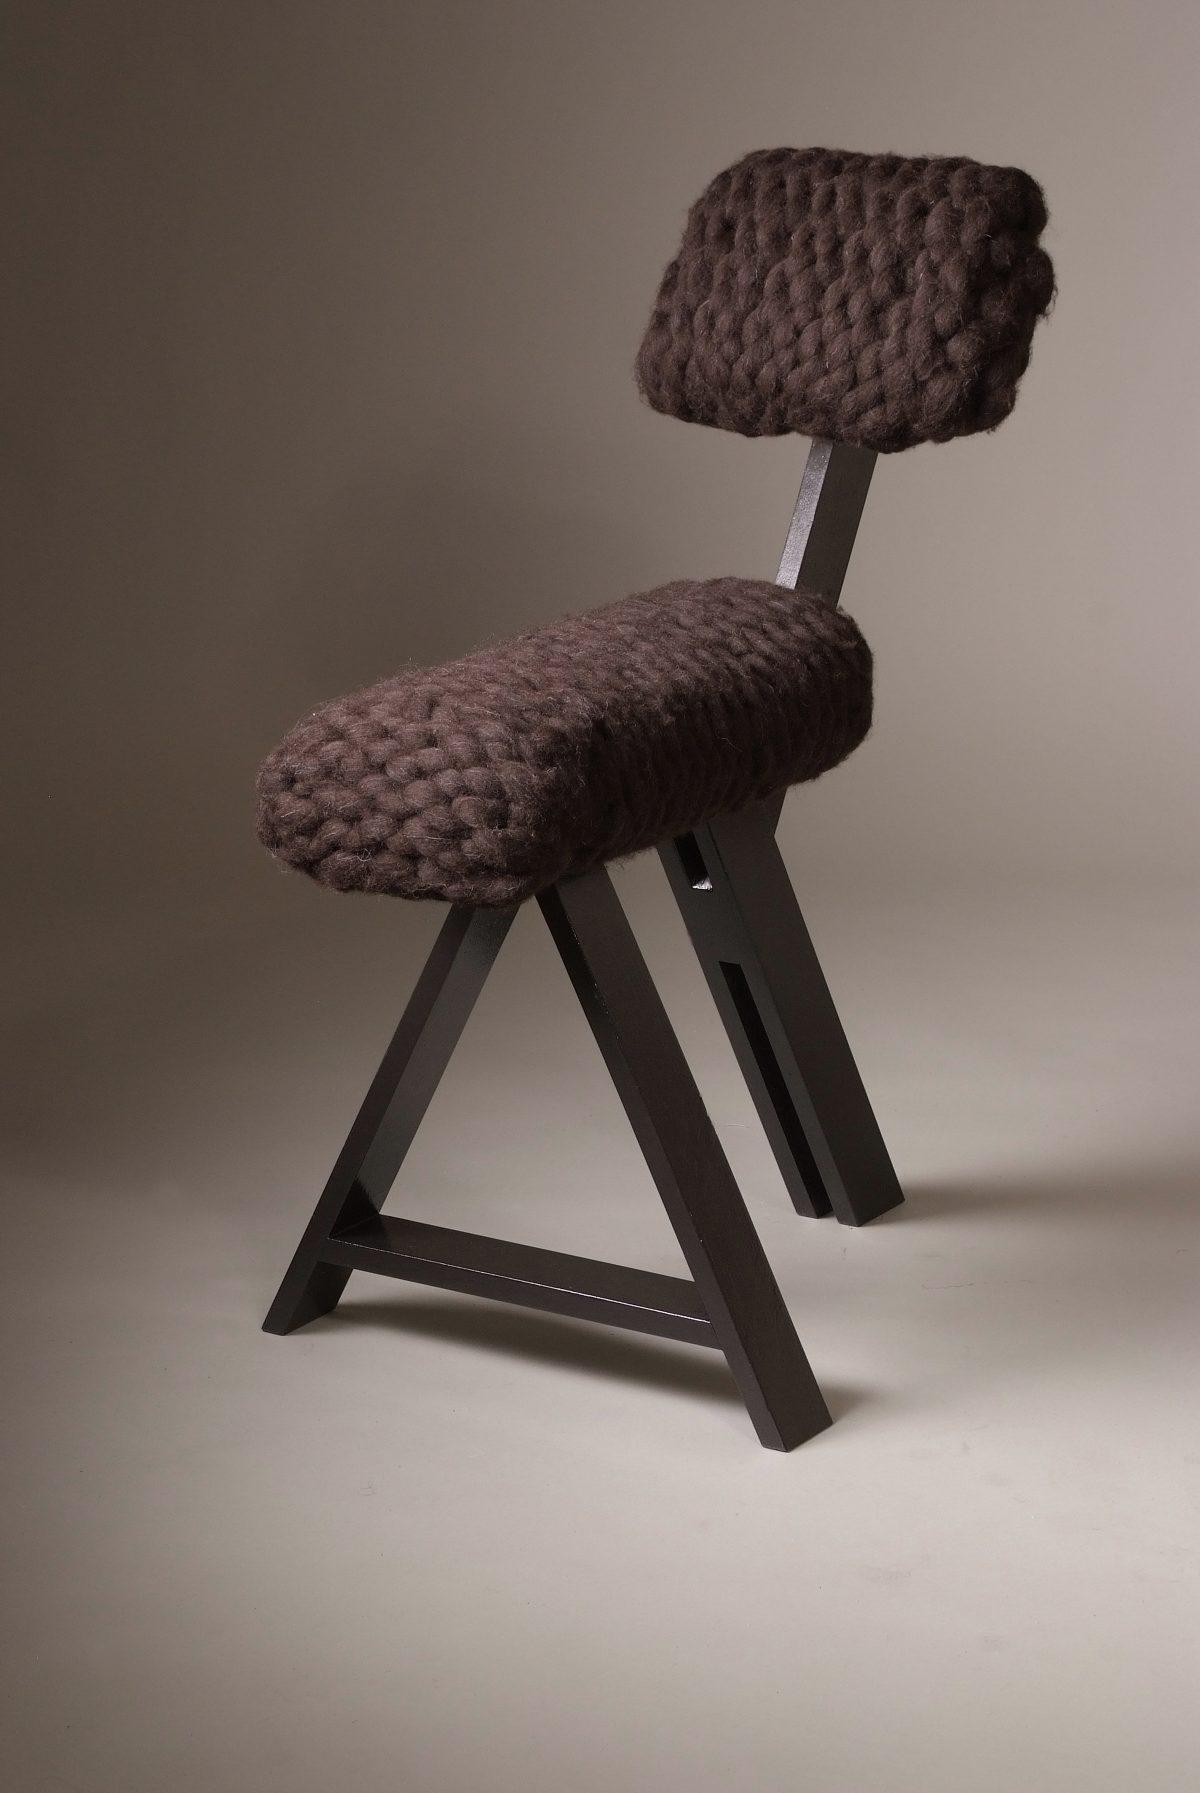 Sheep Chair Brown – Studio Jolanda van Goor